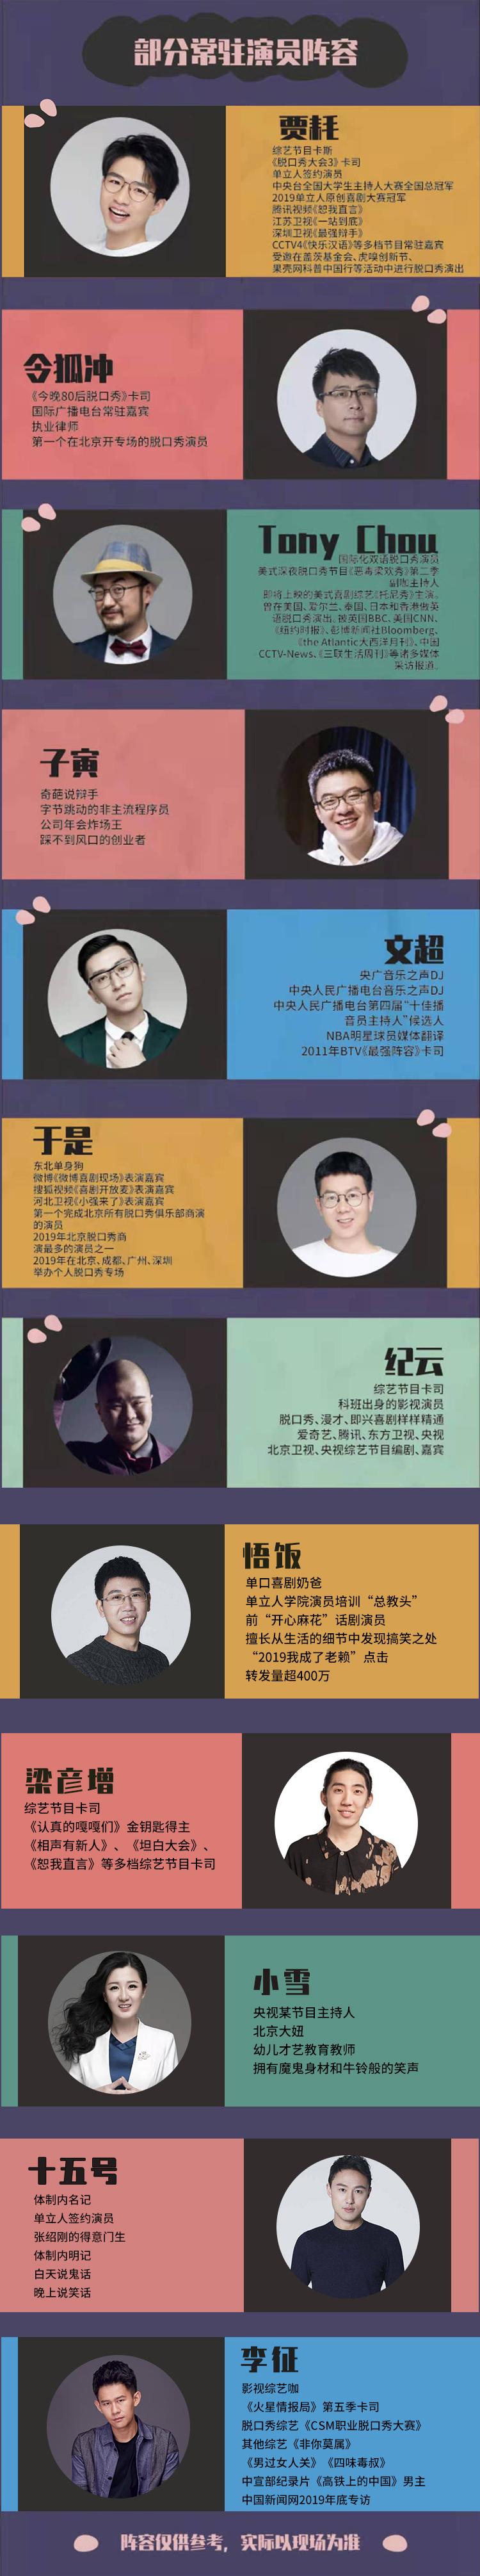 2021周末脱口秀大联欢·加蜜喜剧·精品秀-北京站